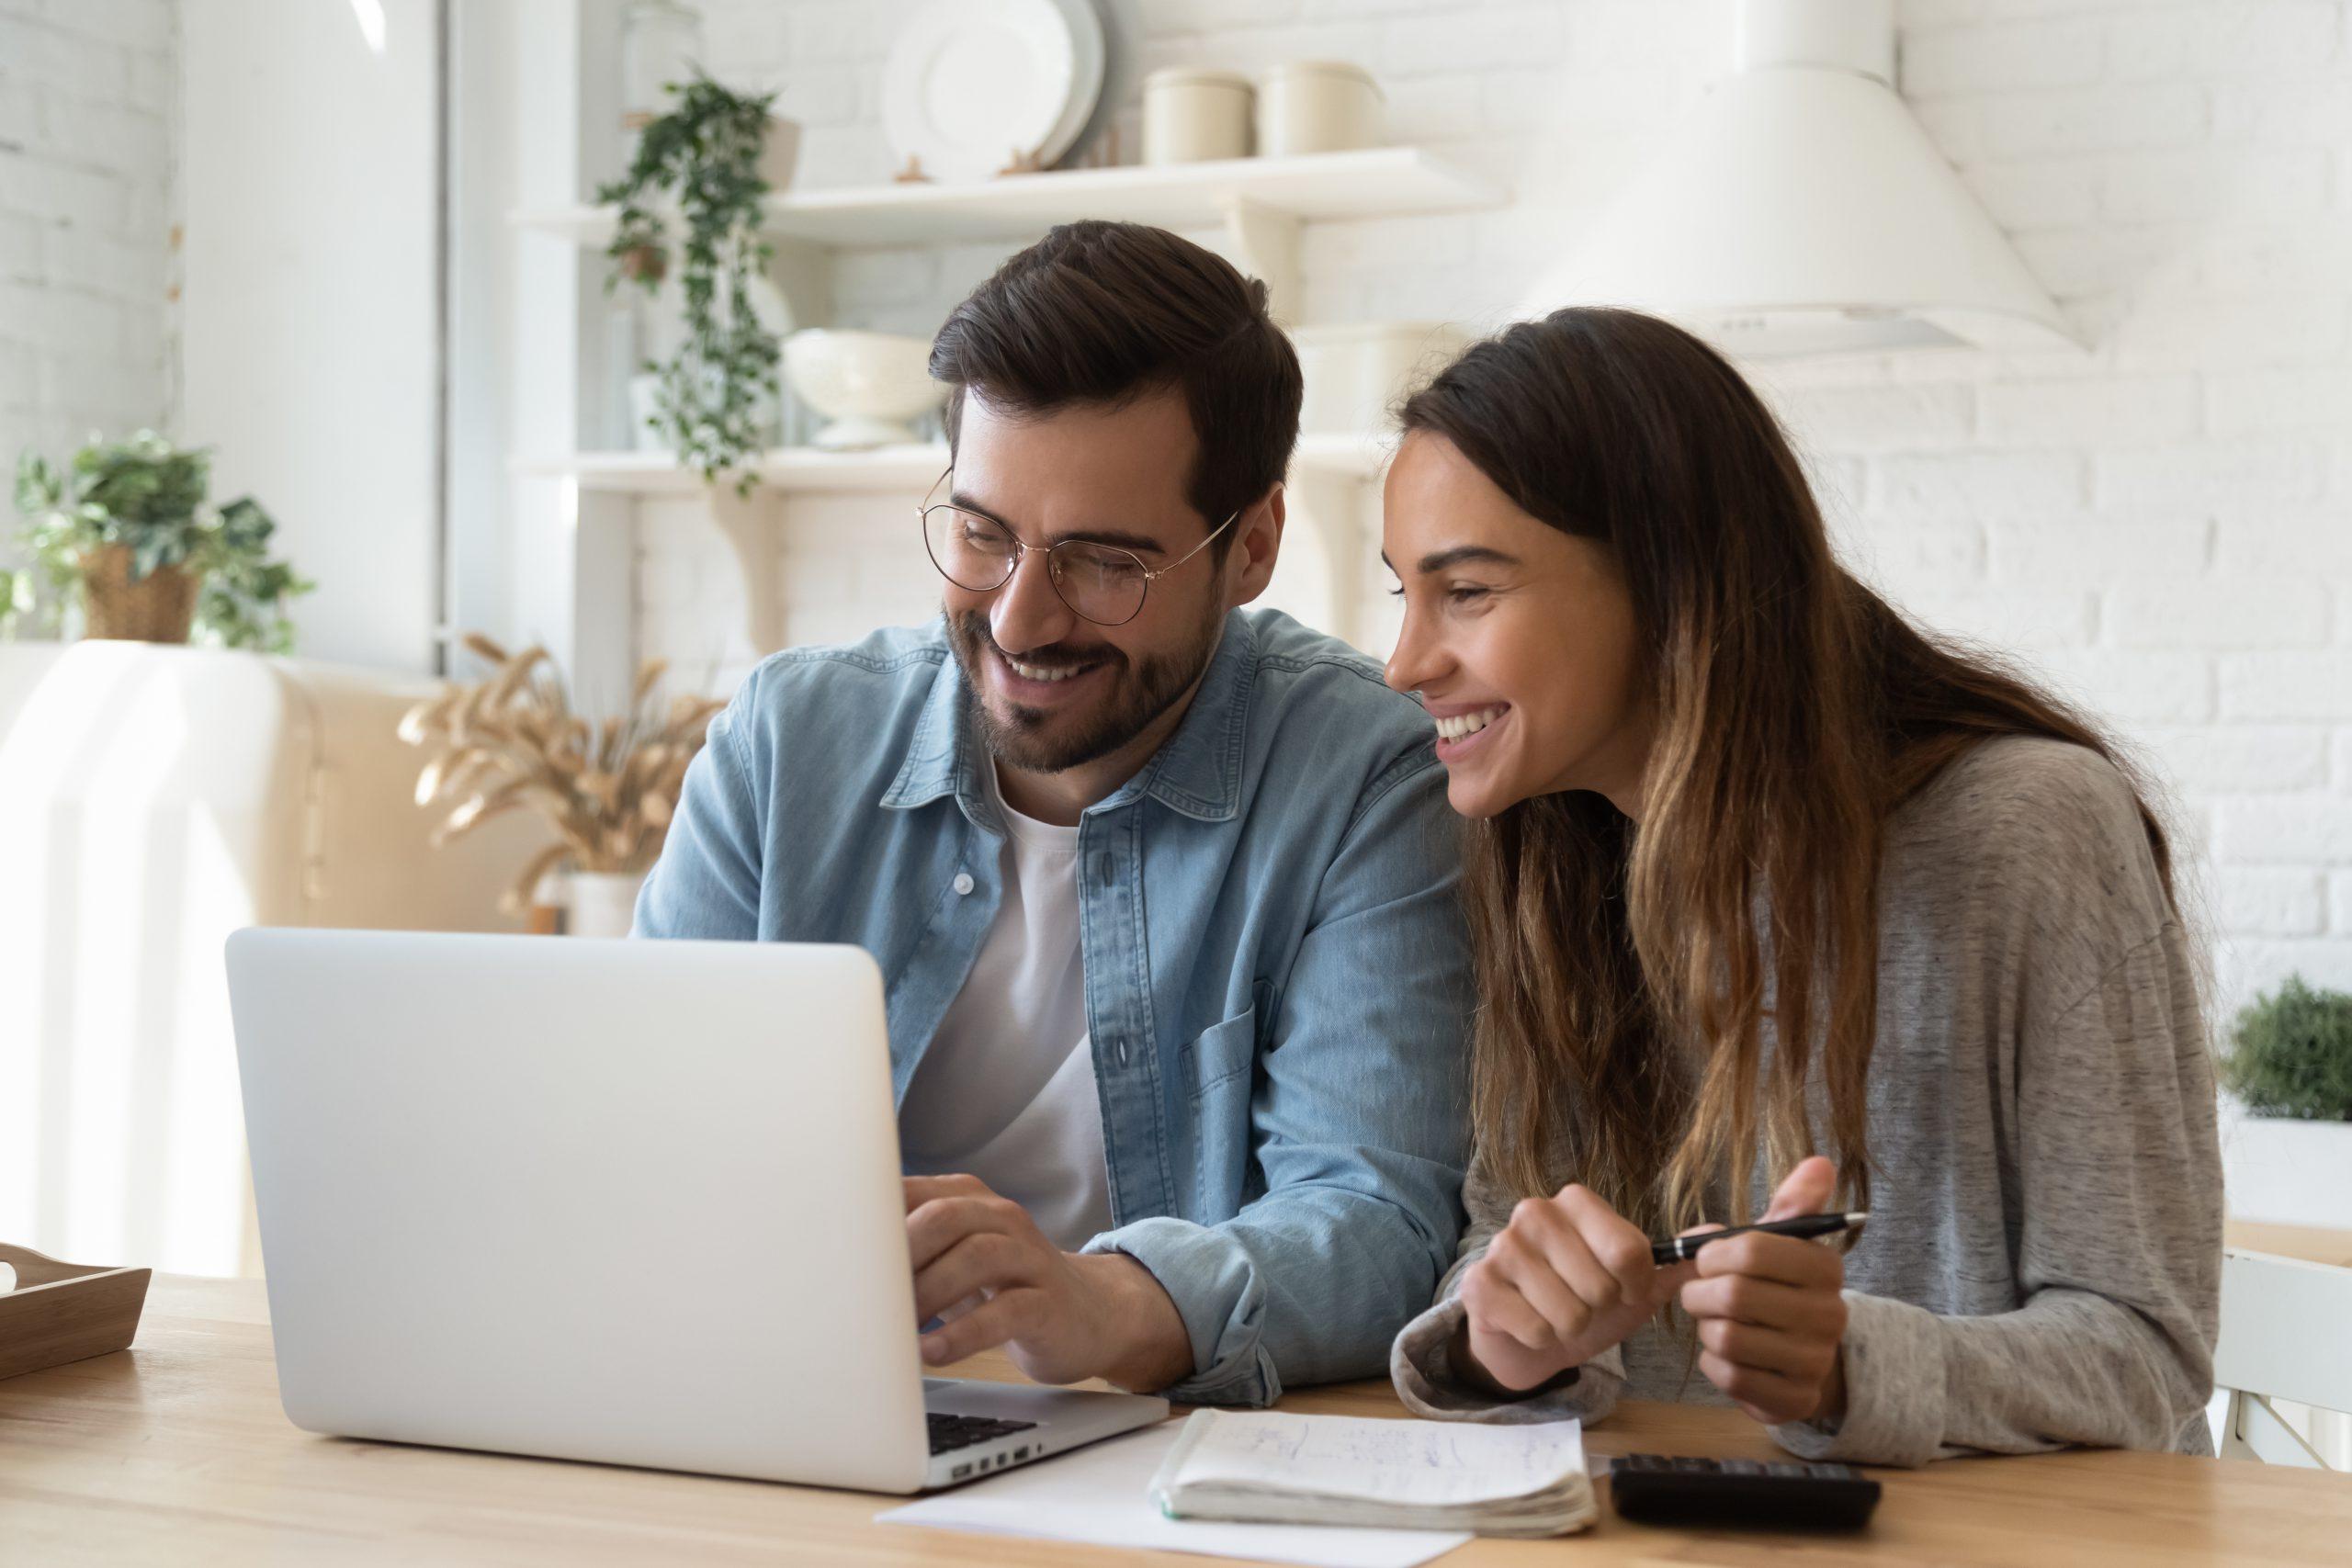 Kredyt online — jak założyć i na co zwrócić uwagę przy wyborze?